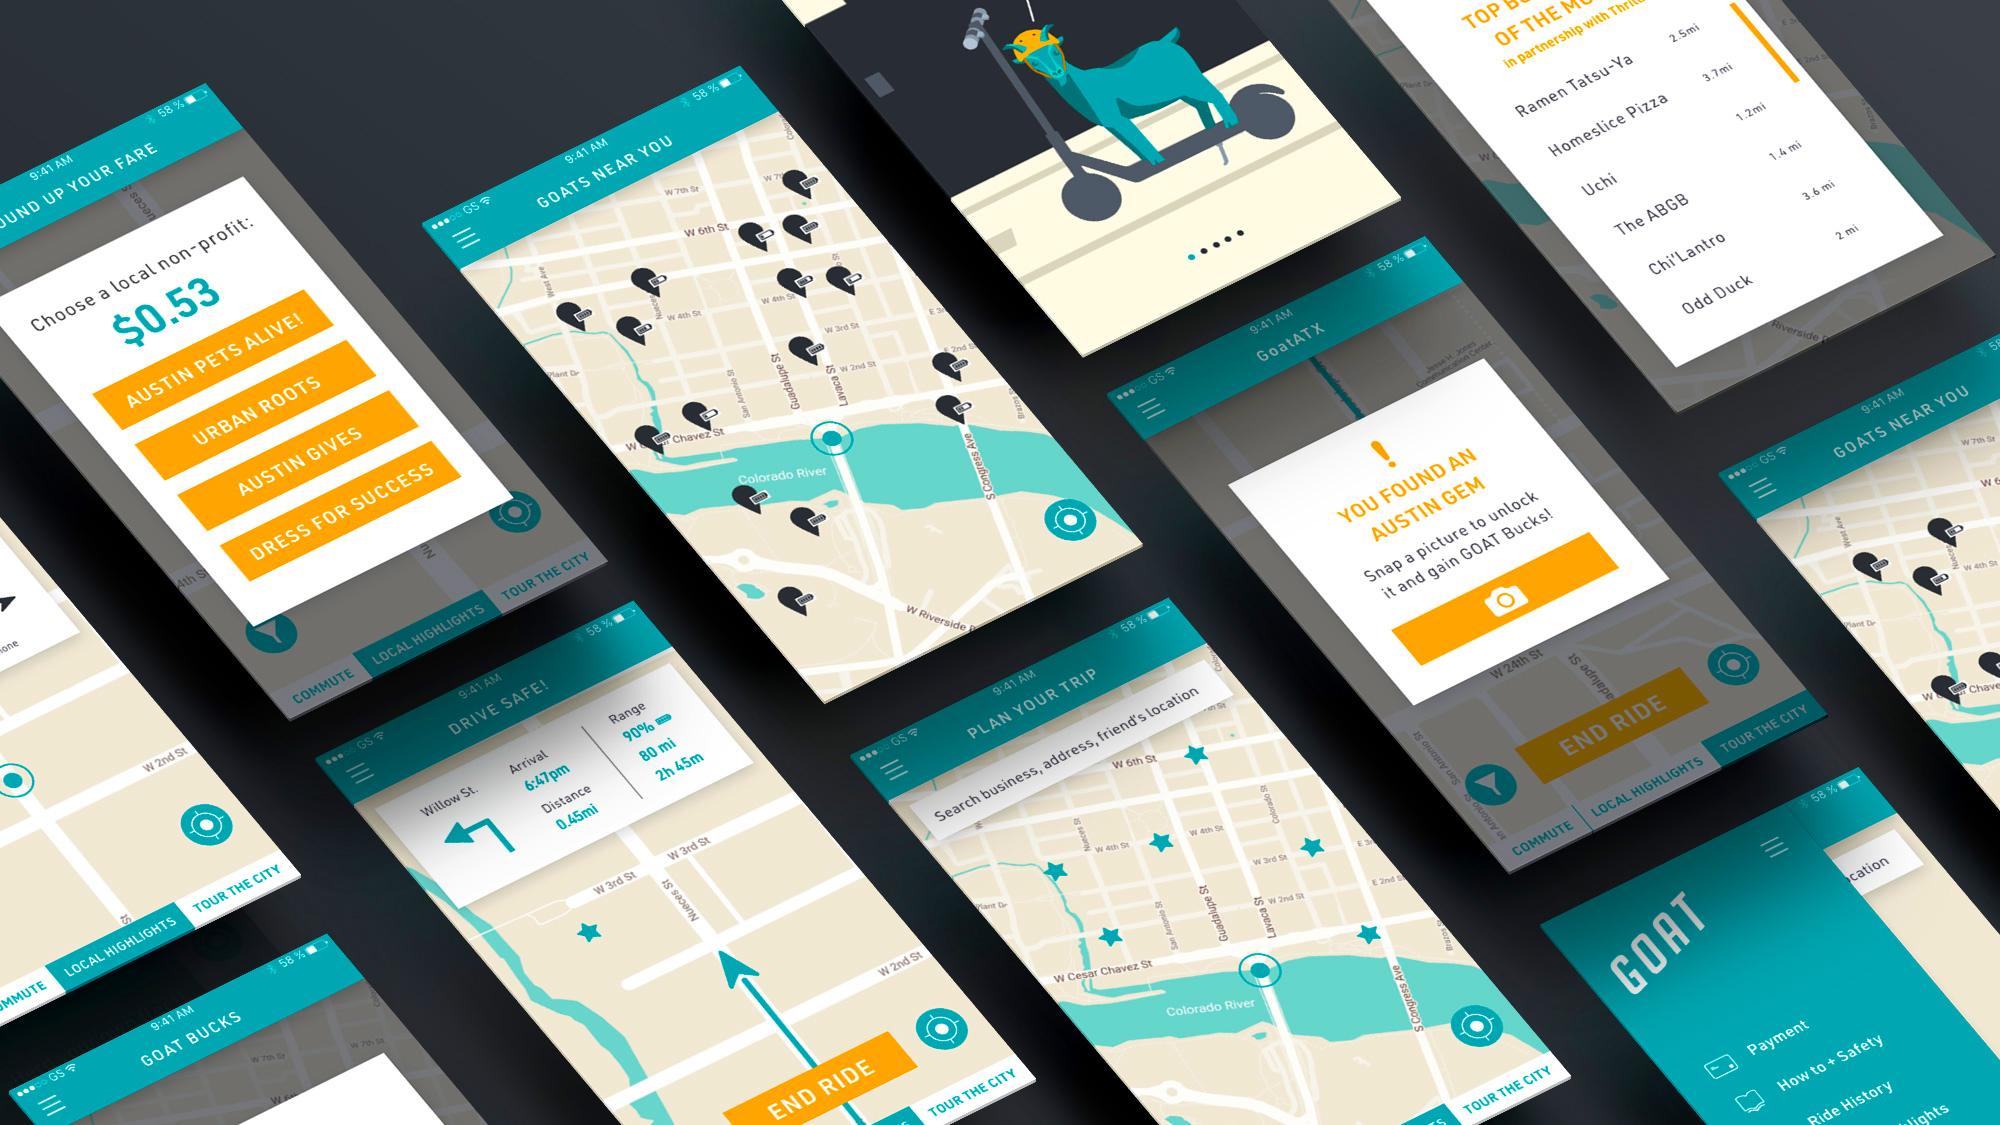 App screens2.jpg